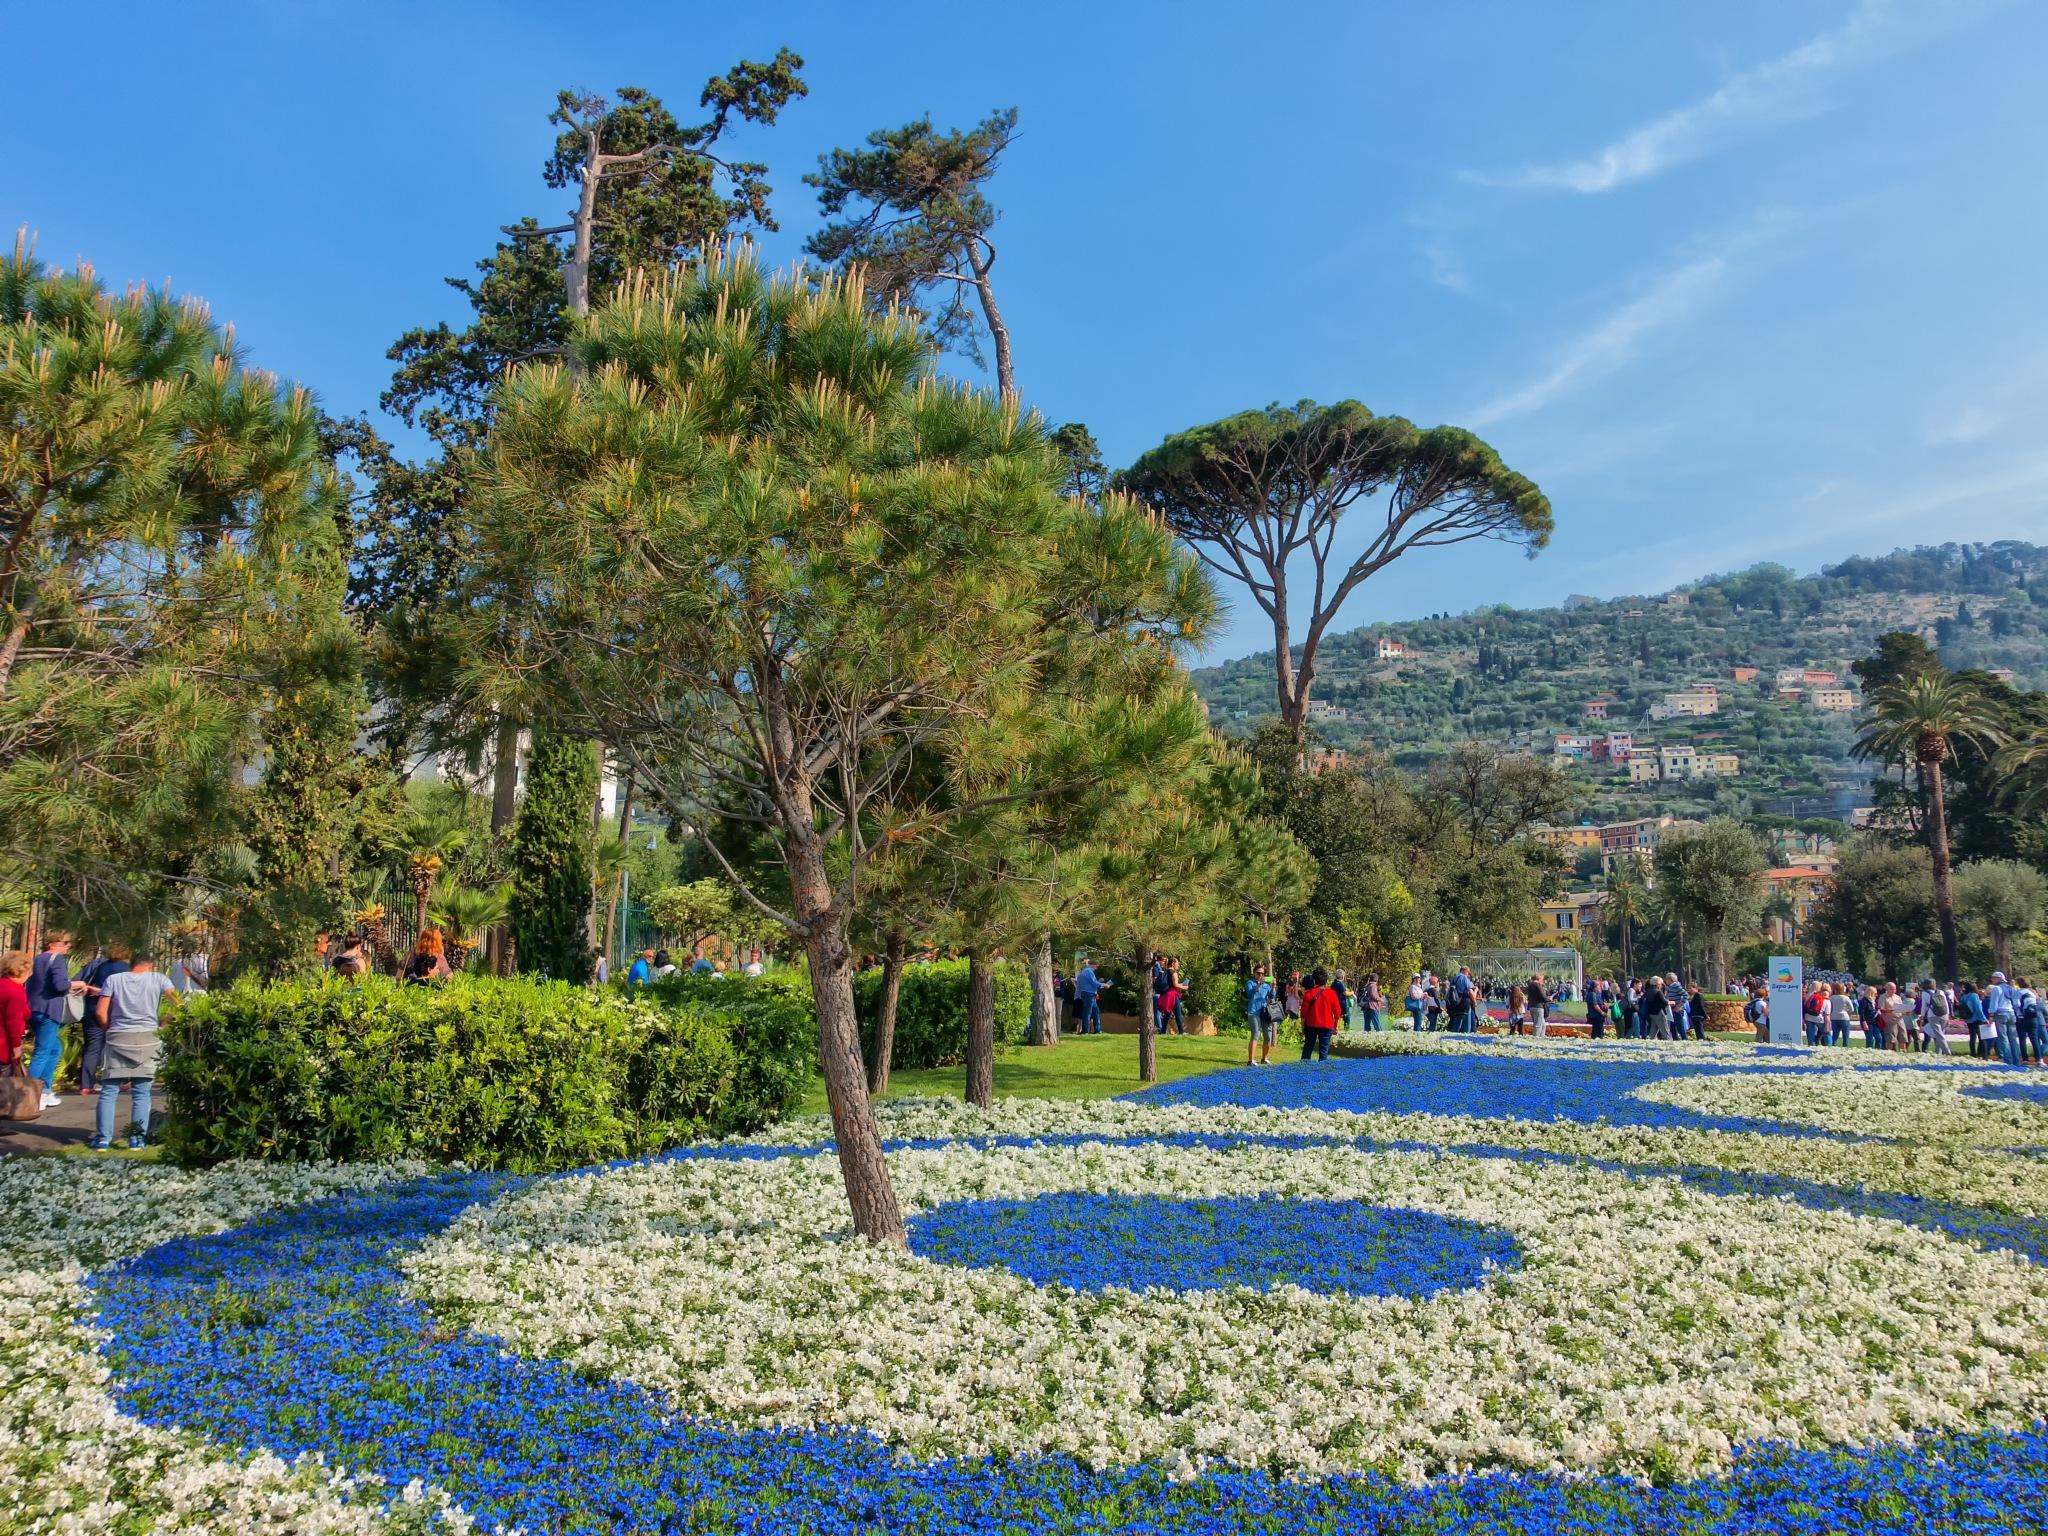 Euroflora Genoa Nervi park by ernesto amato